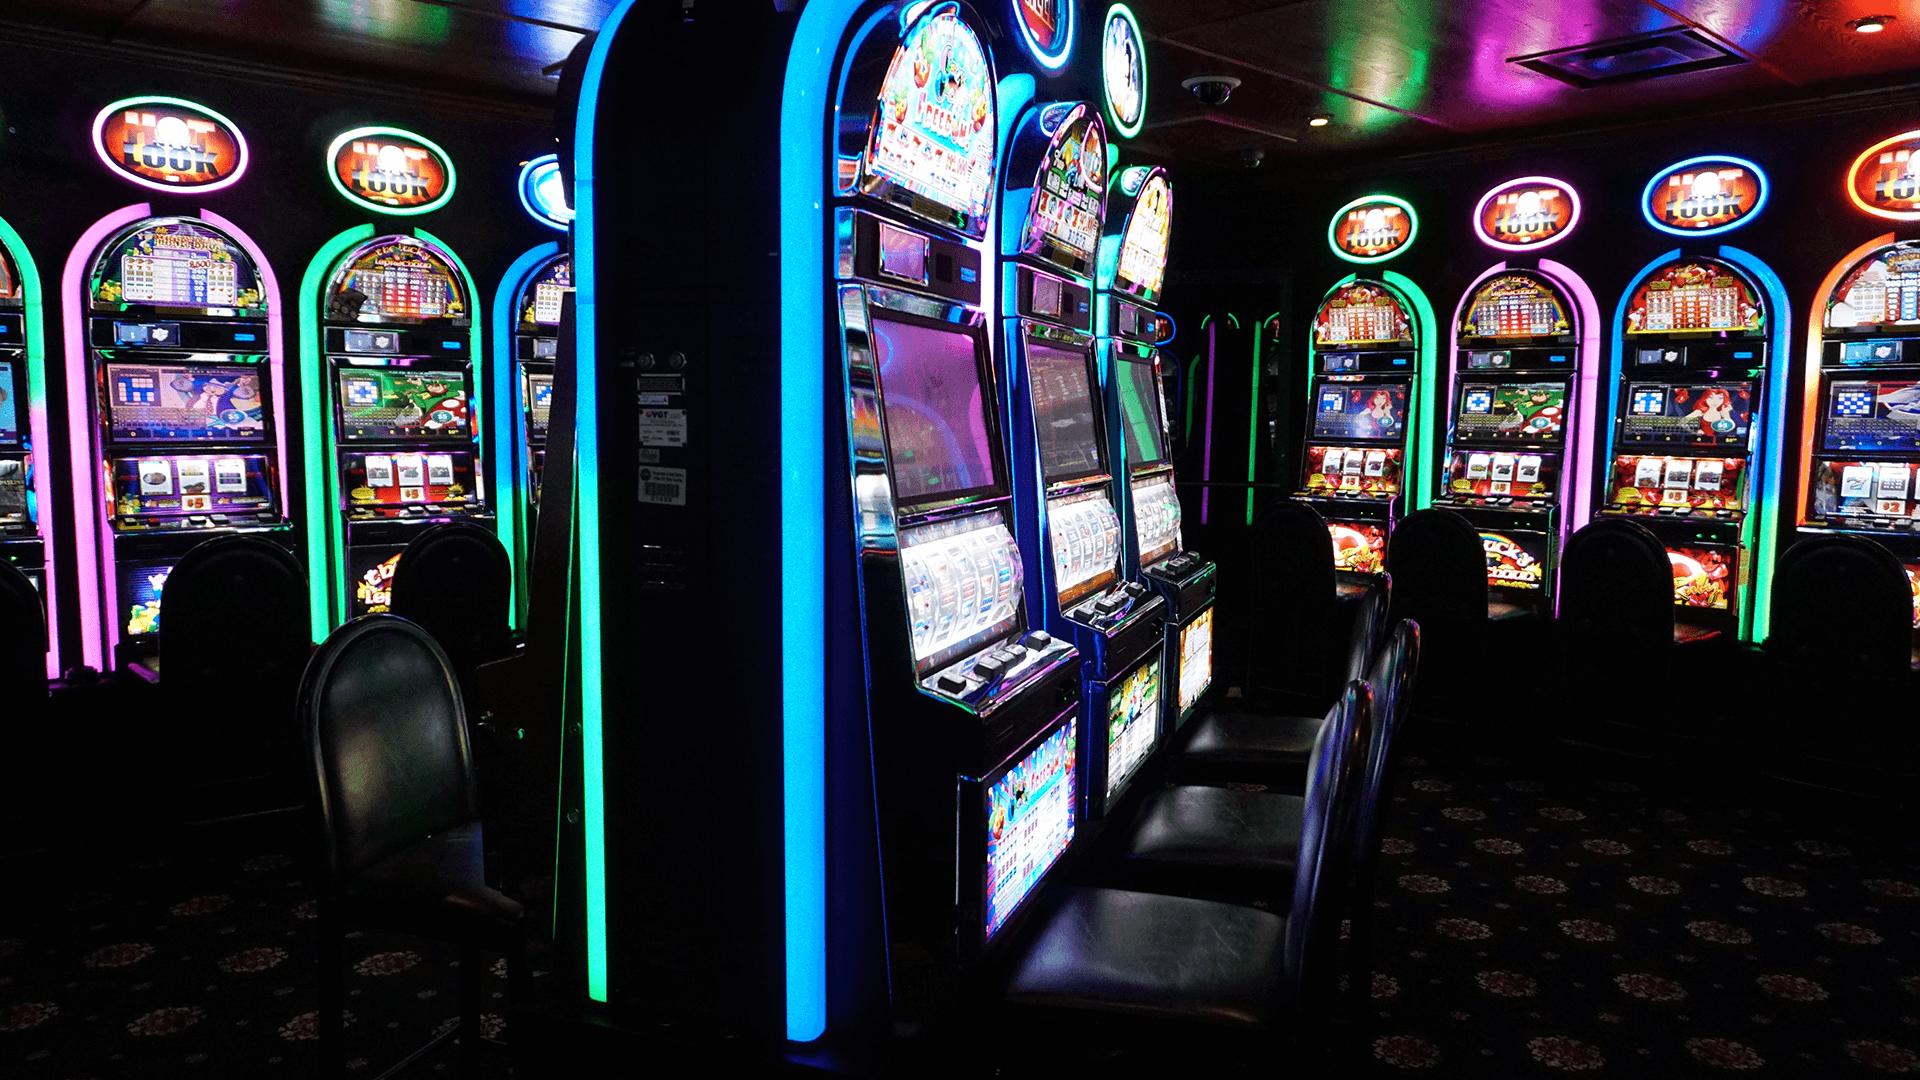 Скачать для компа игровые автоматы через торрент как в майнкрафте на карте играть с другом